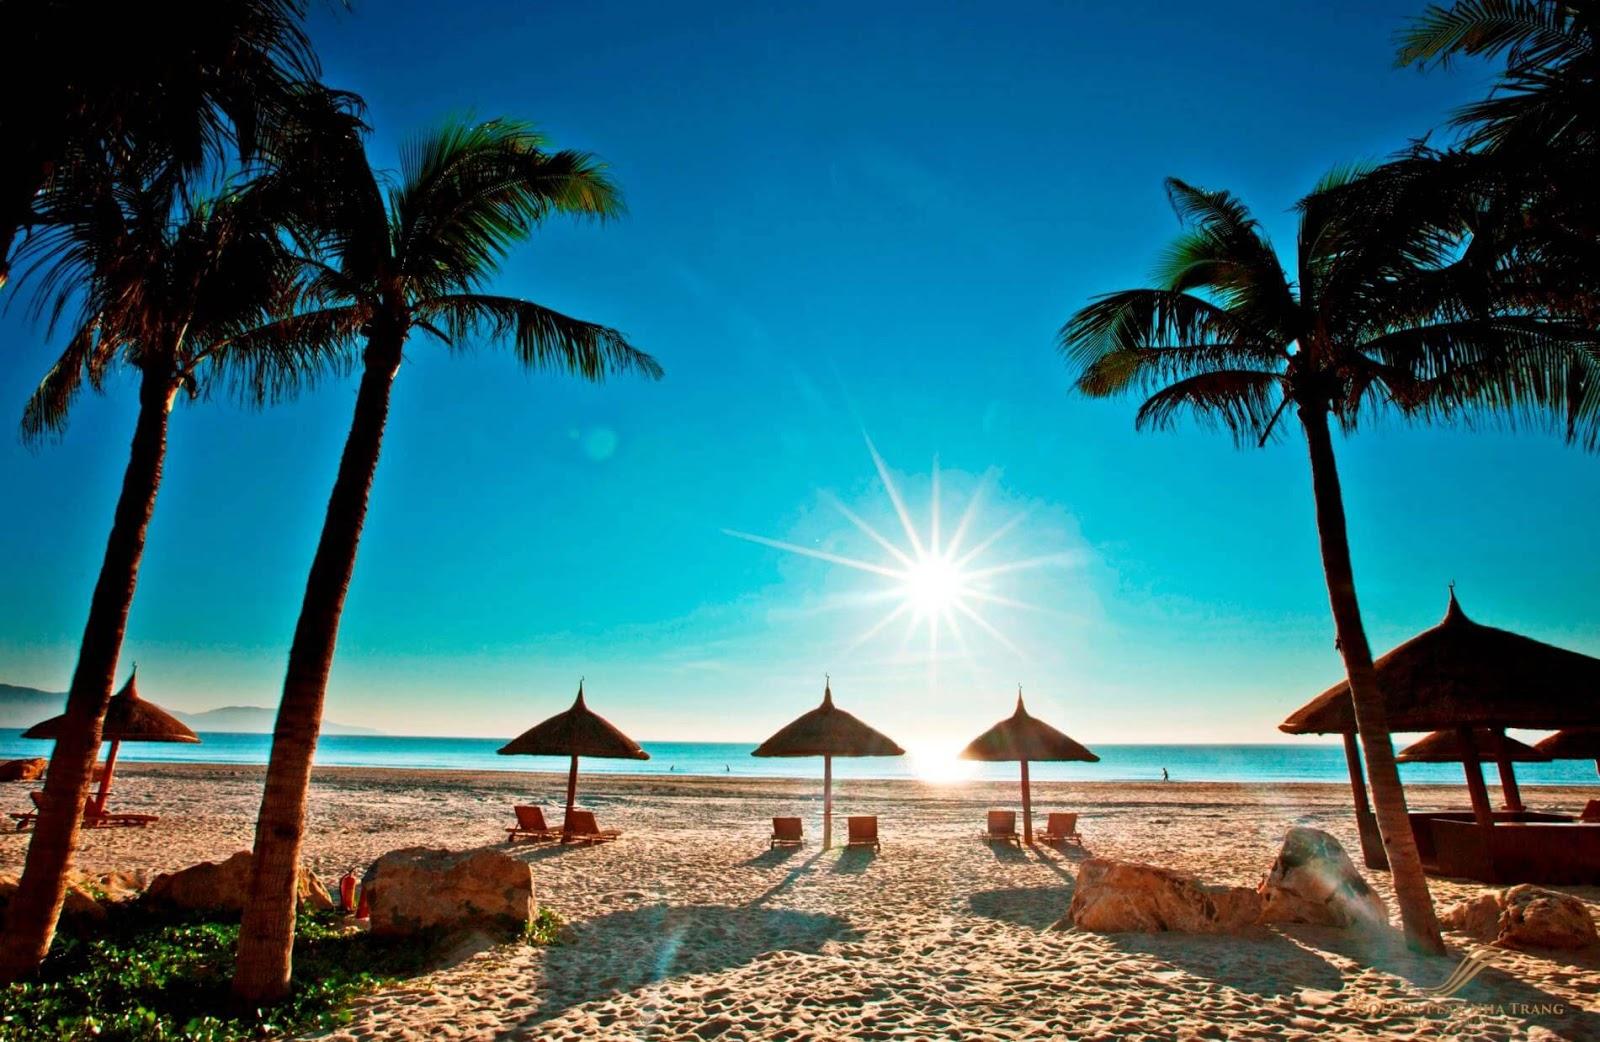 Nha Trang thiên đường nghỉ dưỡng đáng sống